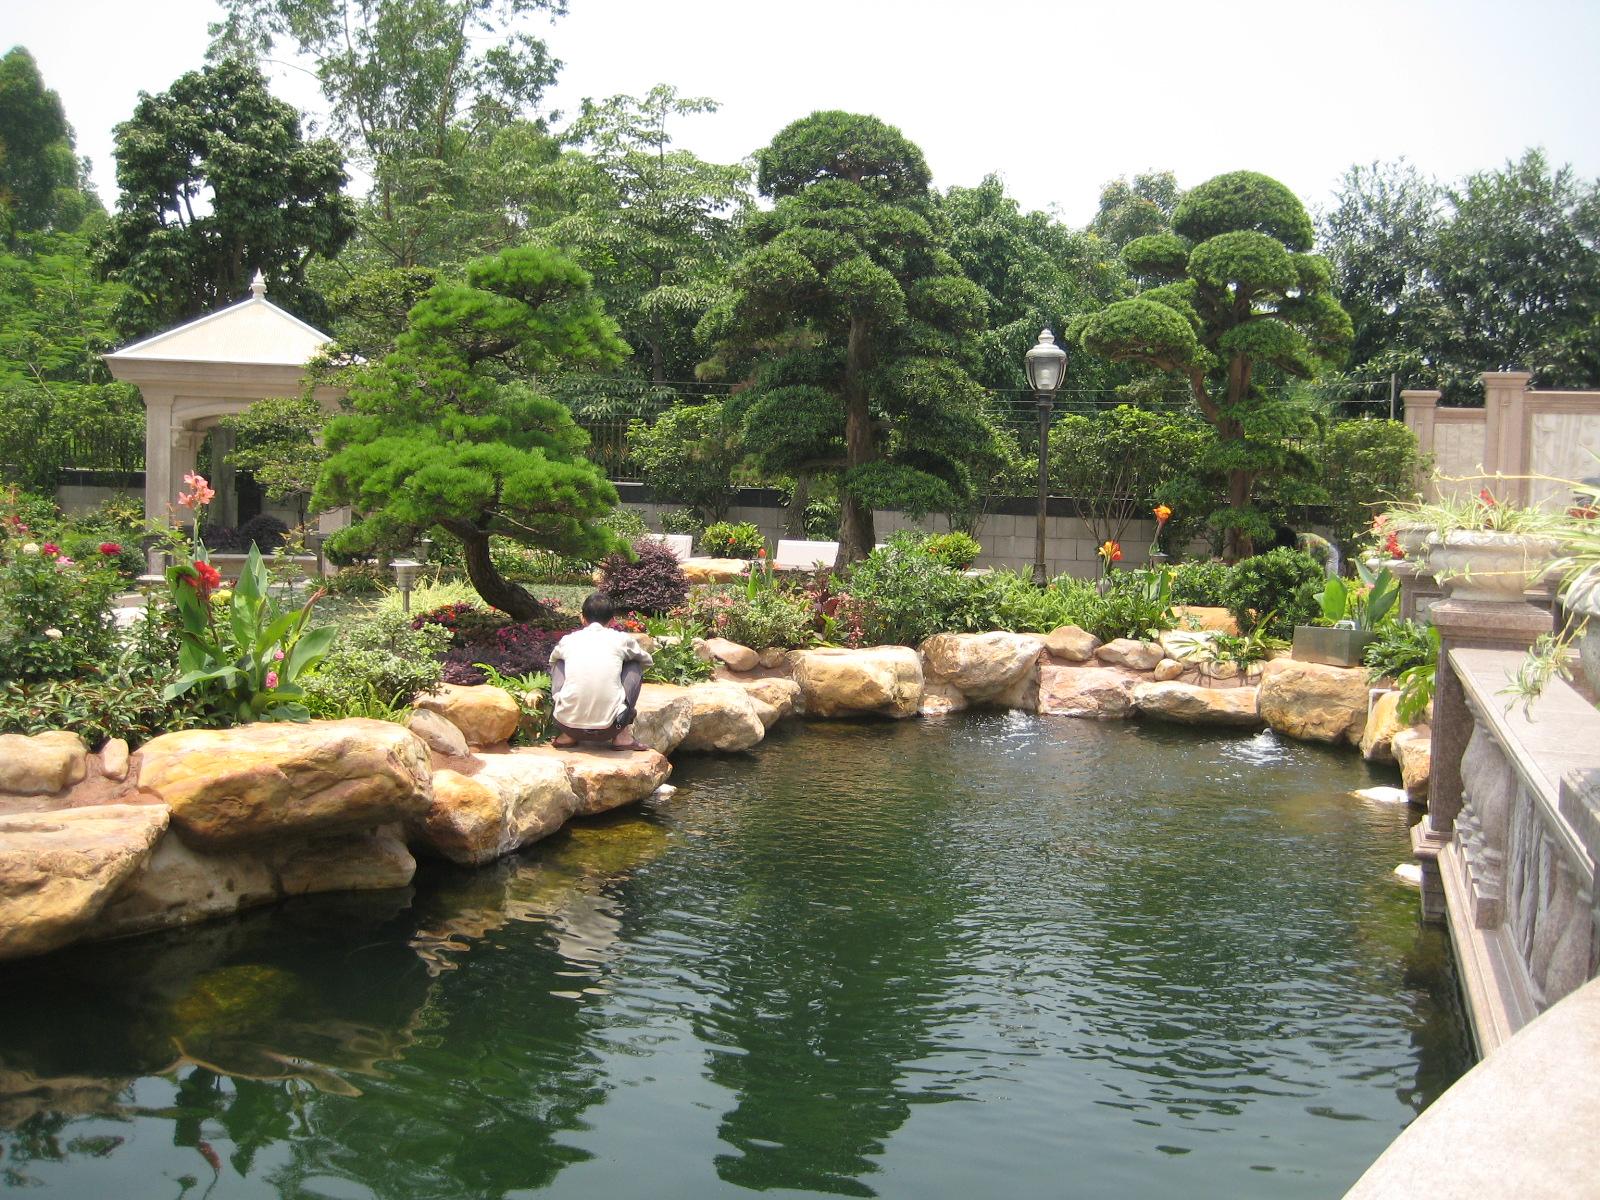 鱼池设计 景观鱼池过滤系统设计